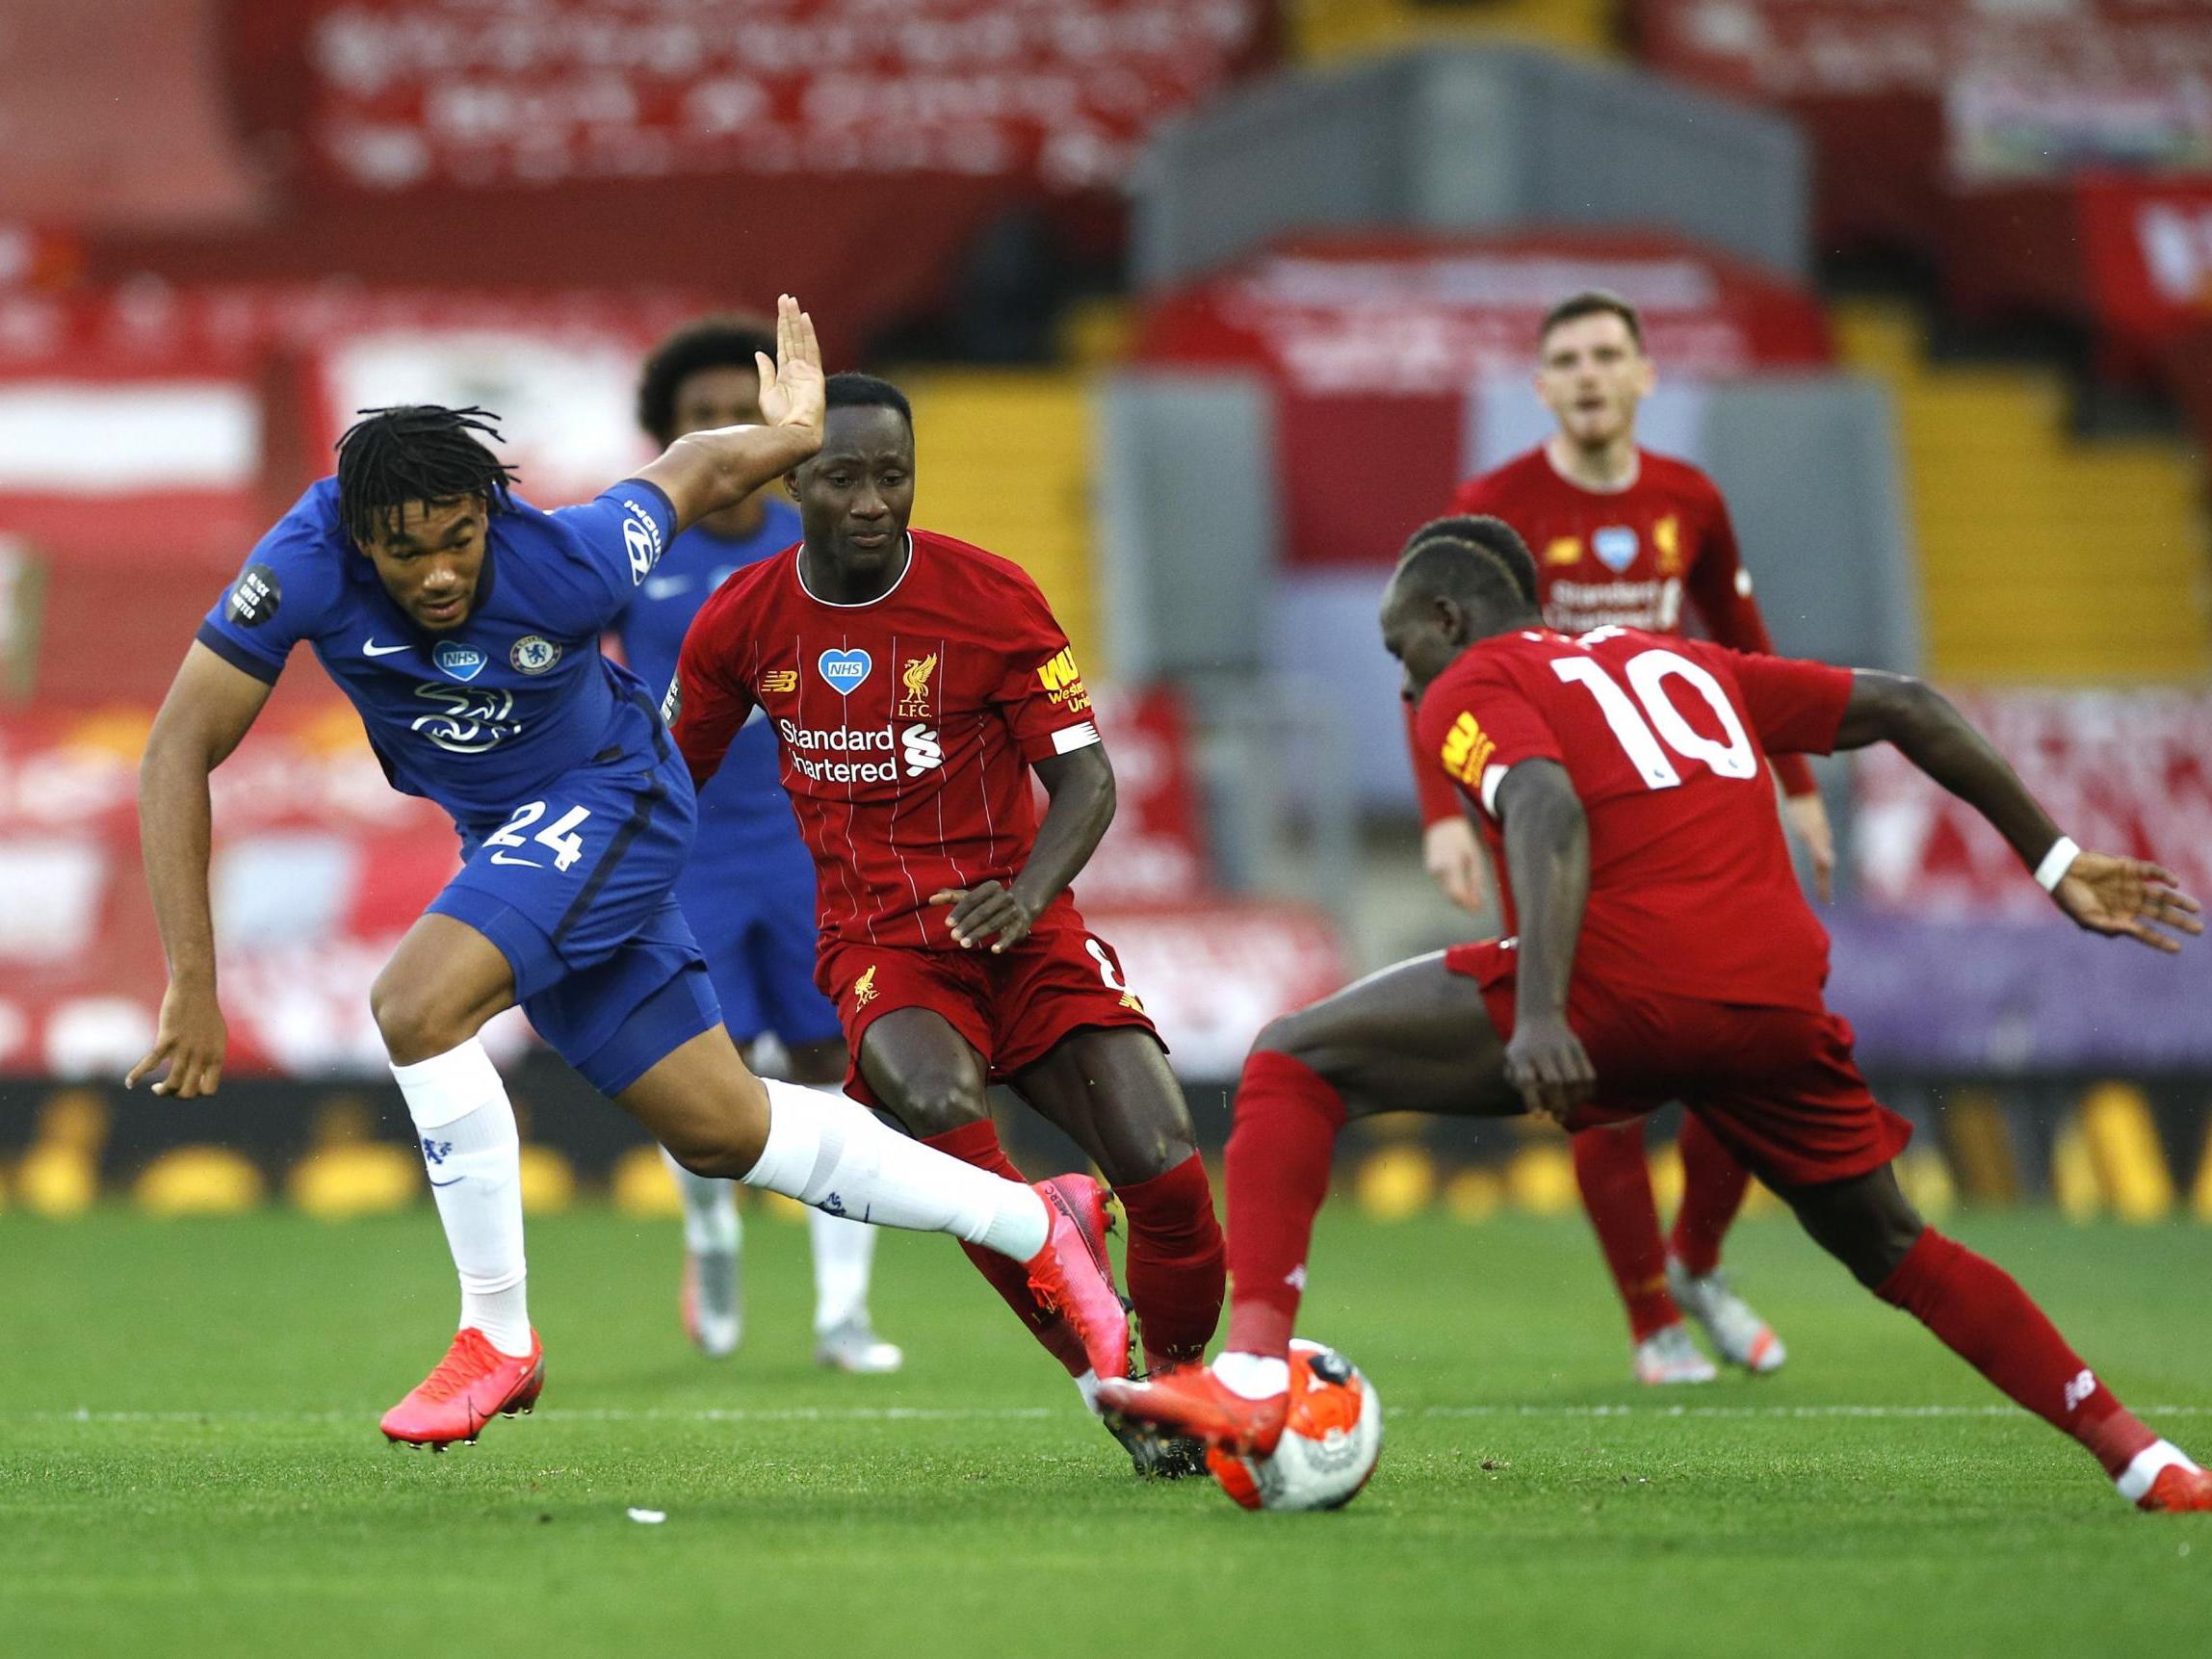 Liverpool Vs Chelsea LIVE Latest Premier League Updates